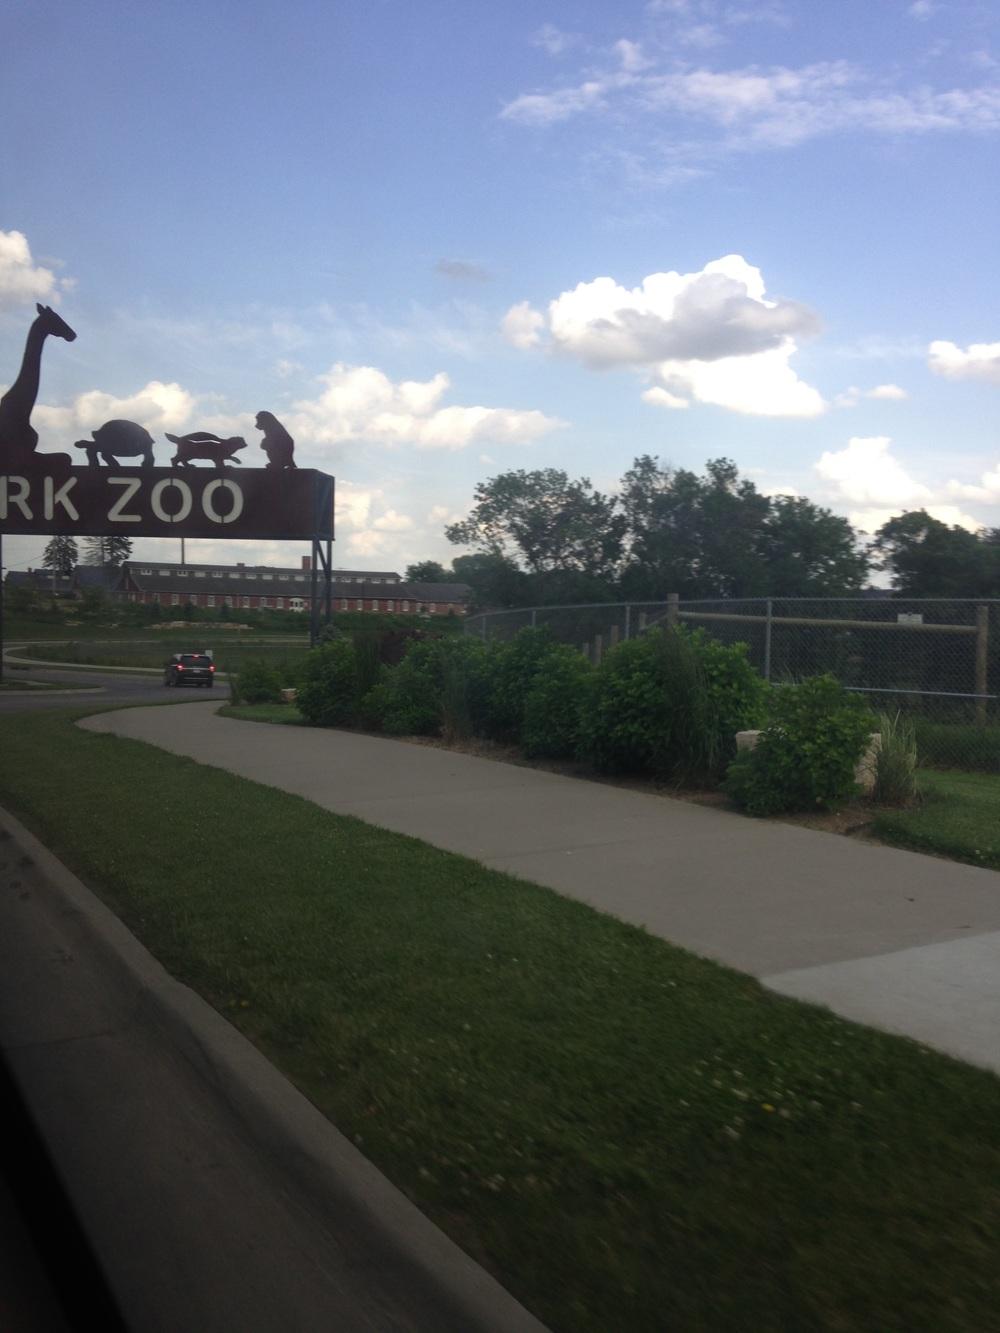 Blank-Park-Zoo-Entrance.jpg